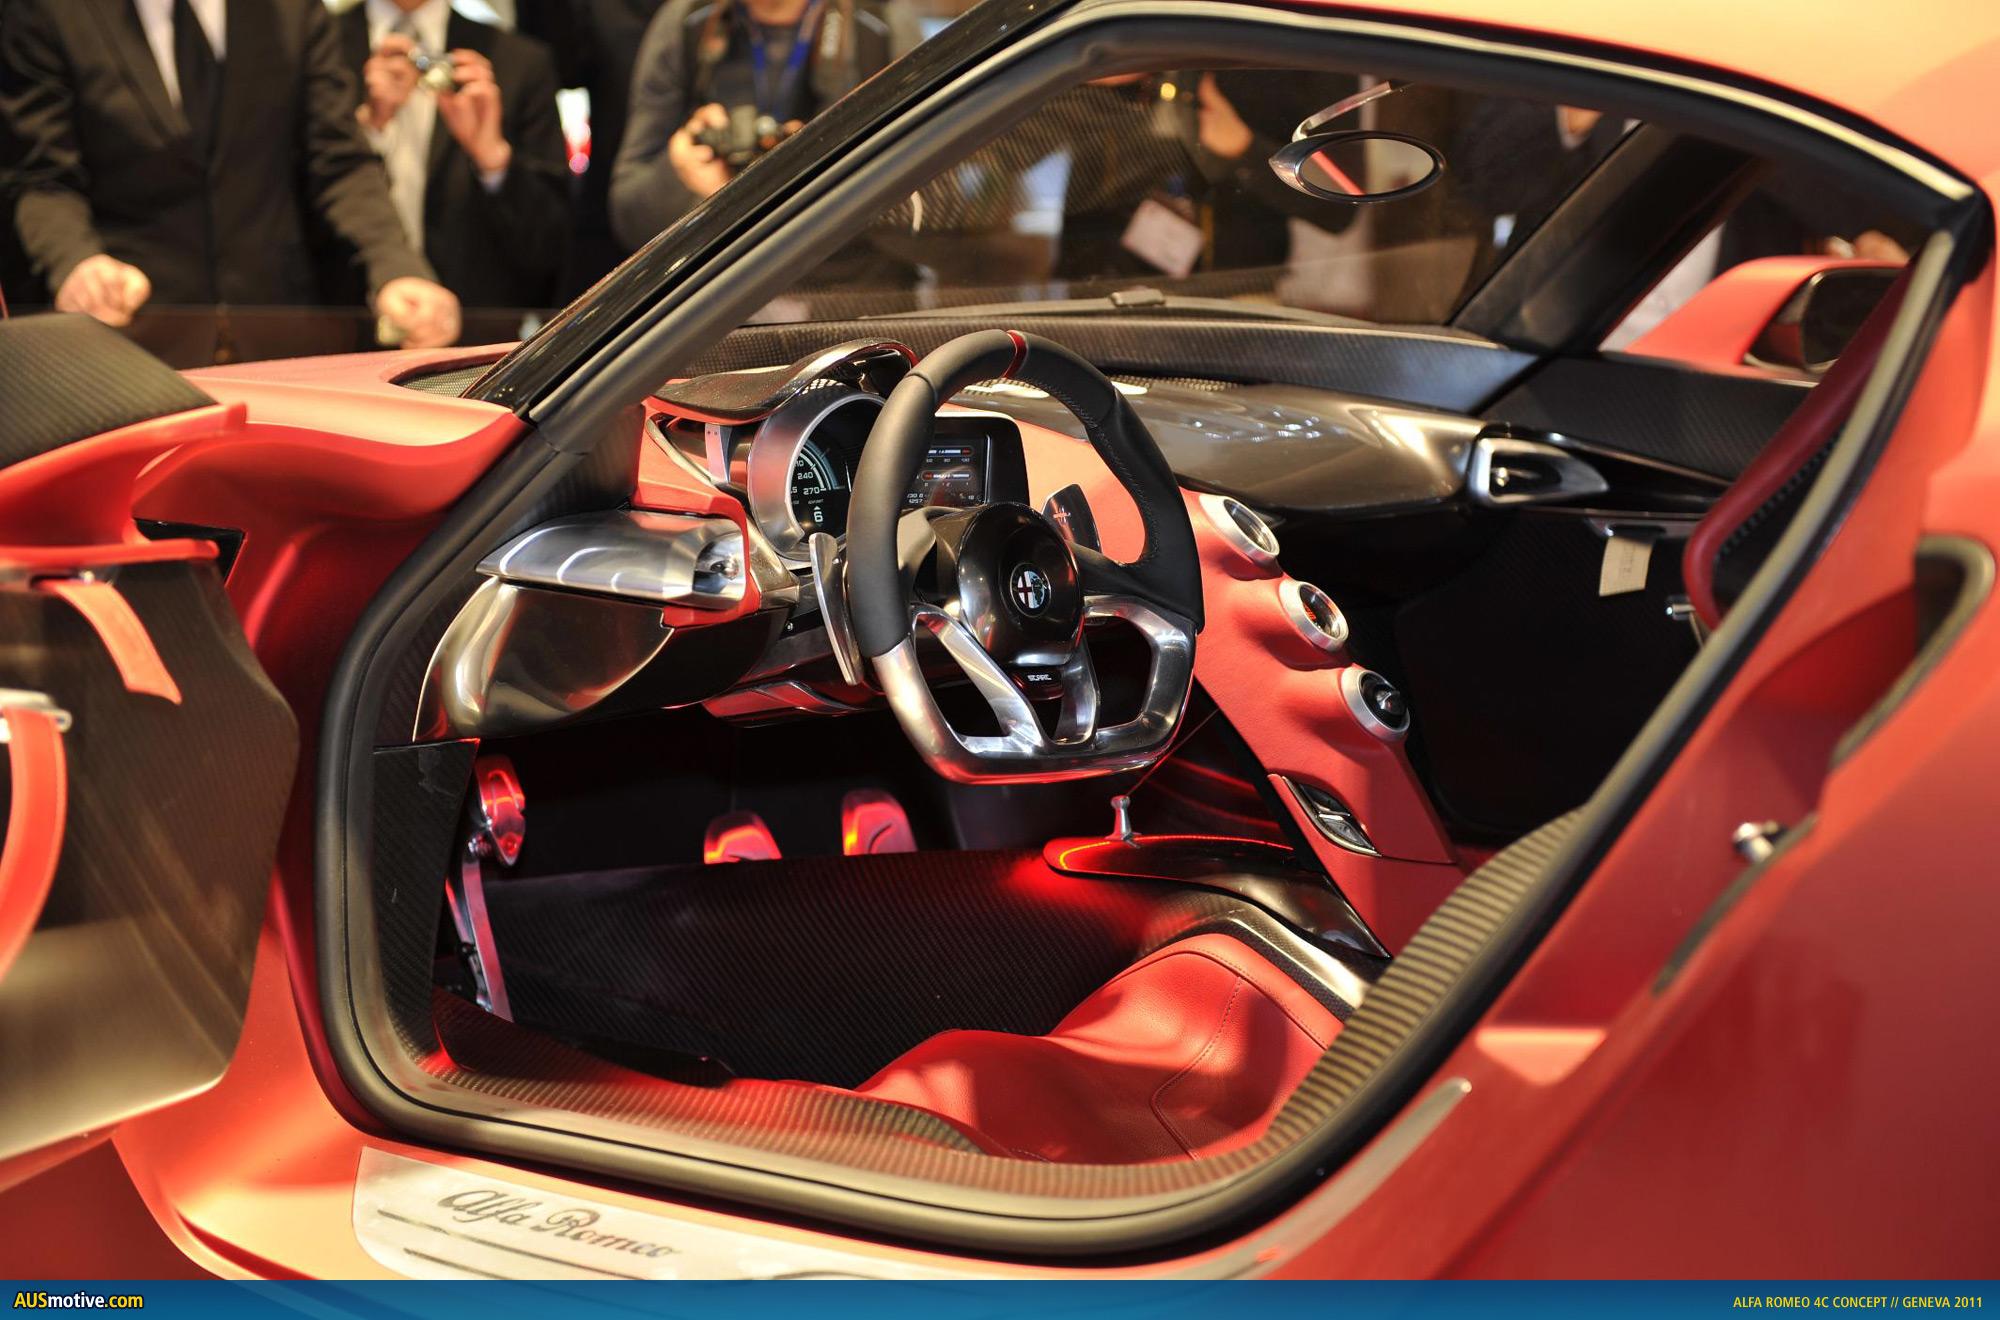 AUSmotive.com » Geneva 2011: Alfa Romeo 4C Concept